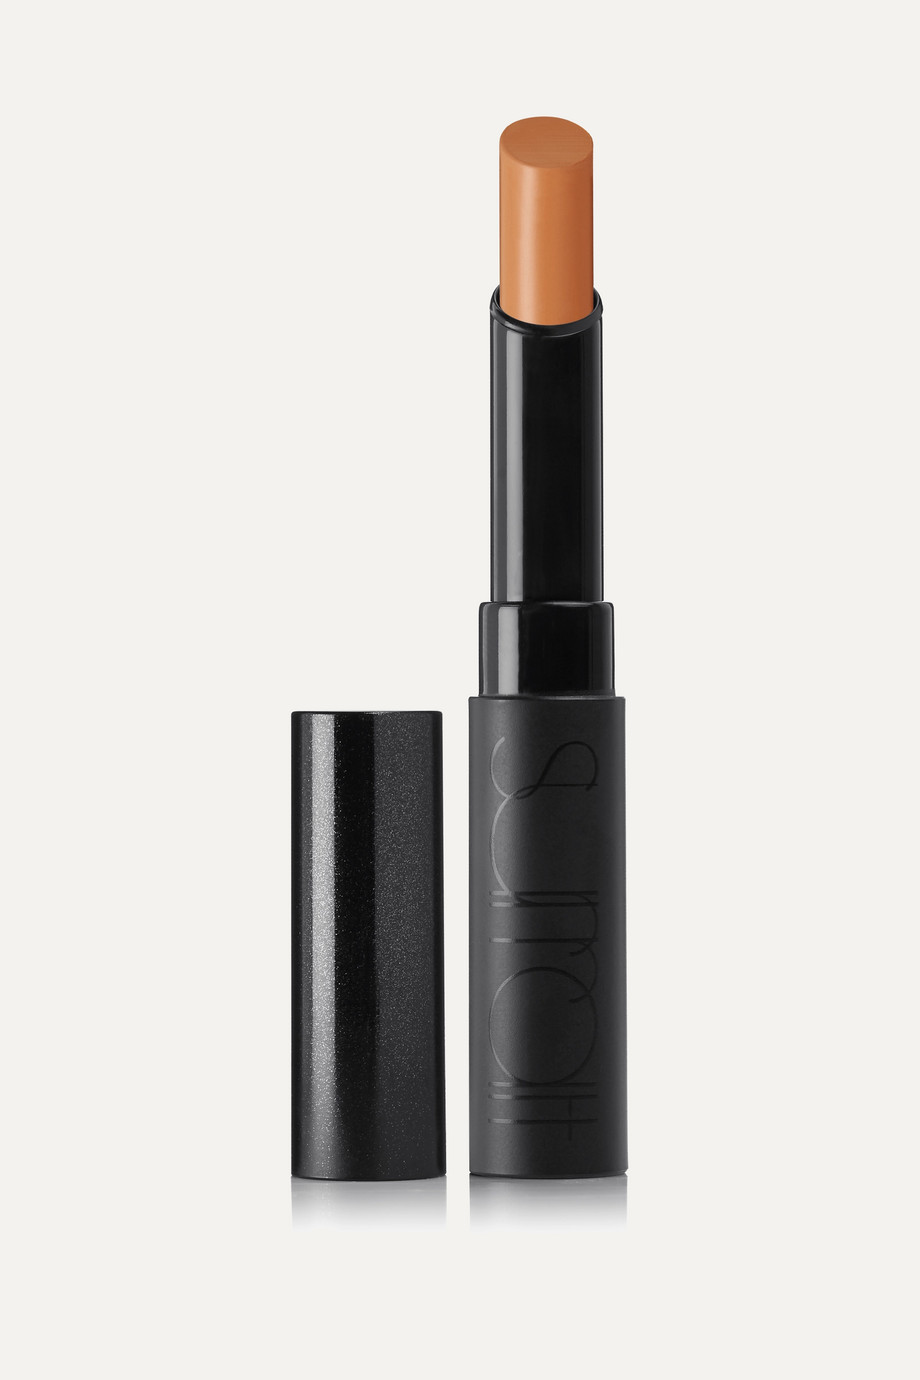 Surratt Beauty Surreal Skin Concealer – 07 – Concealer